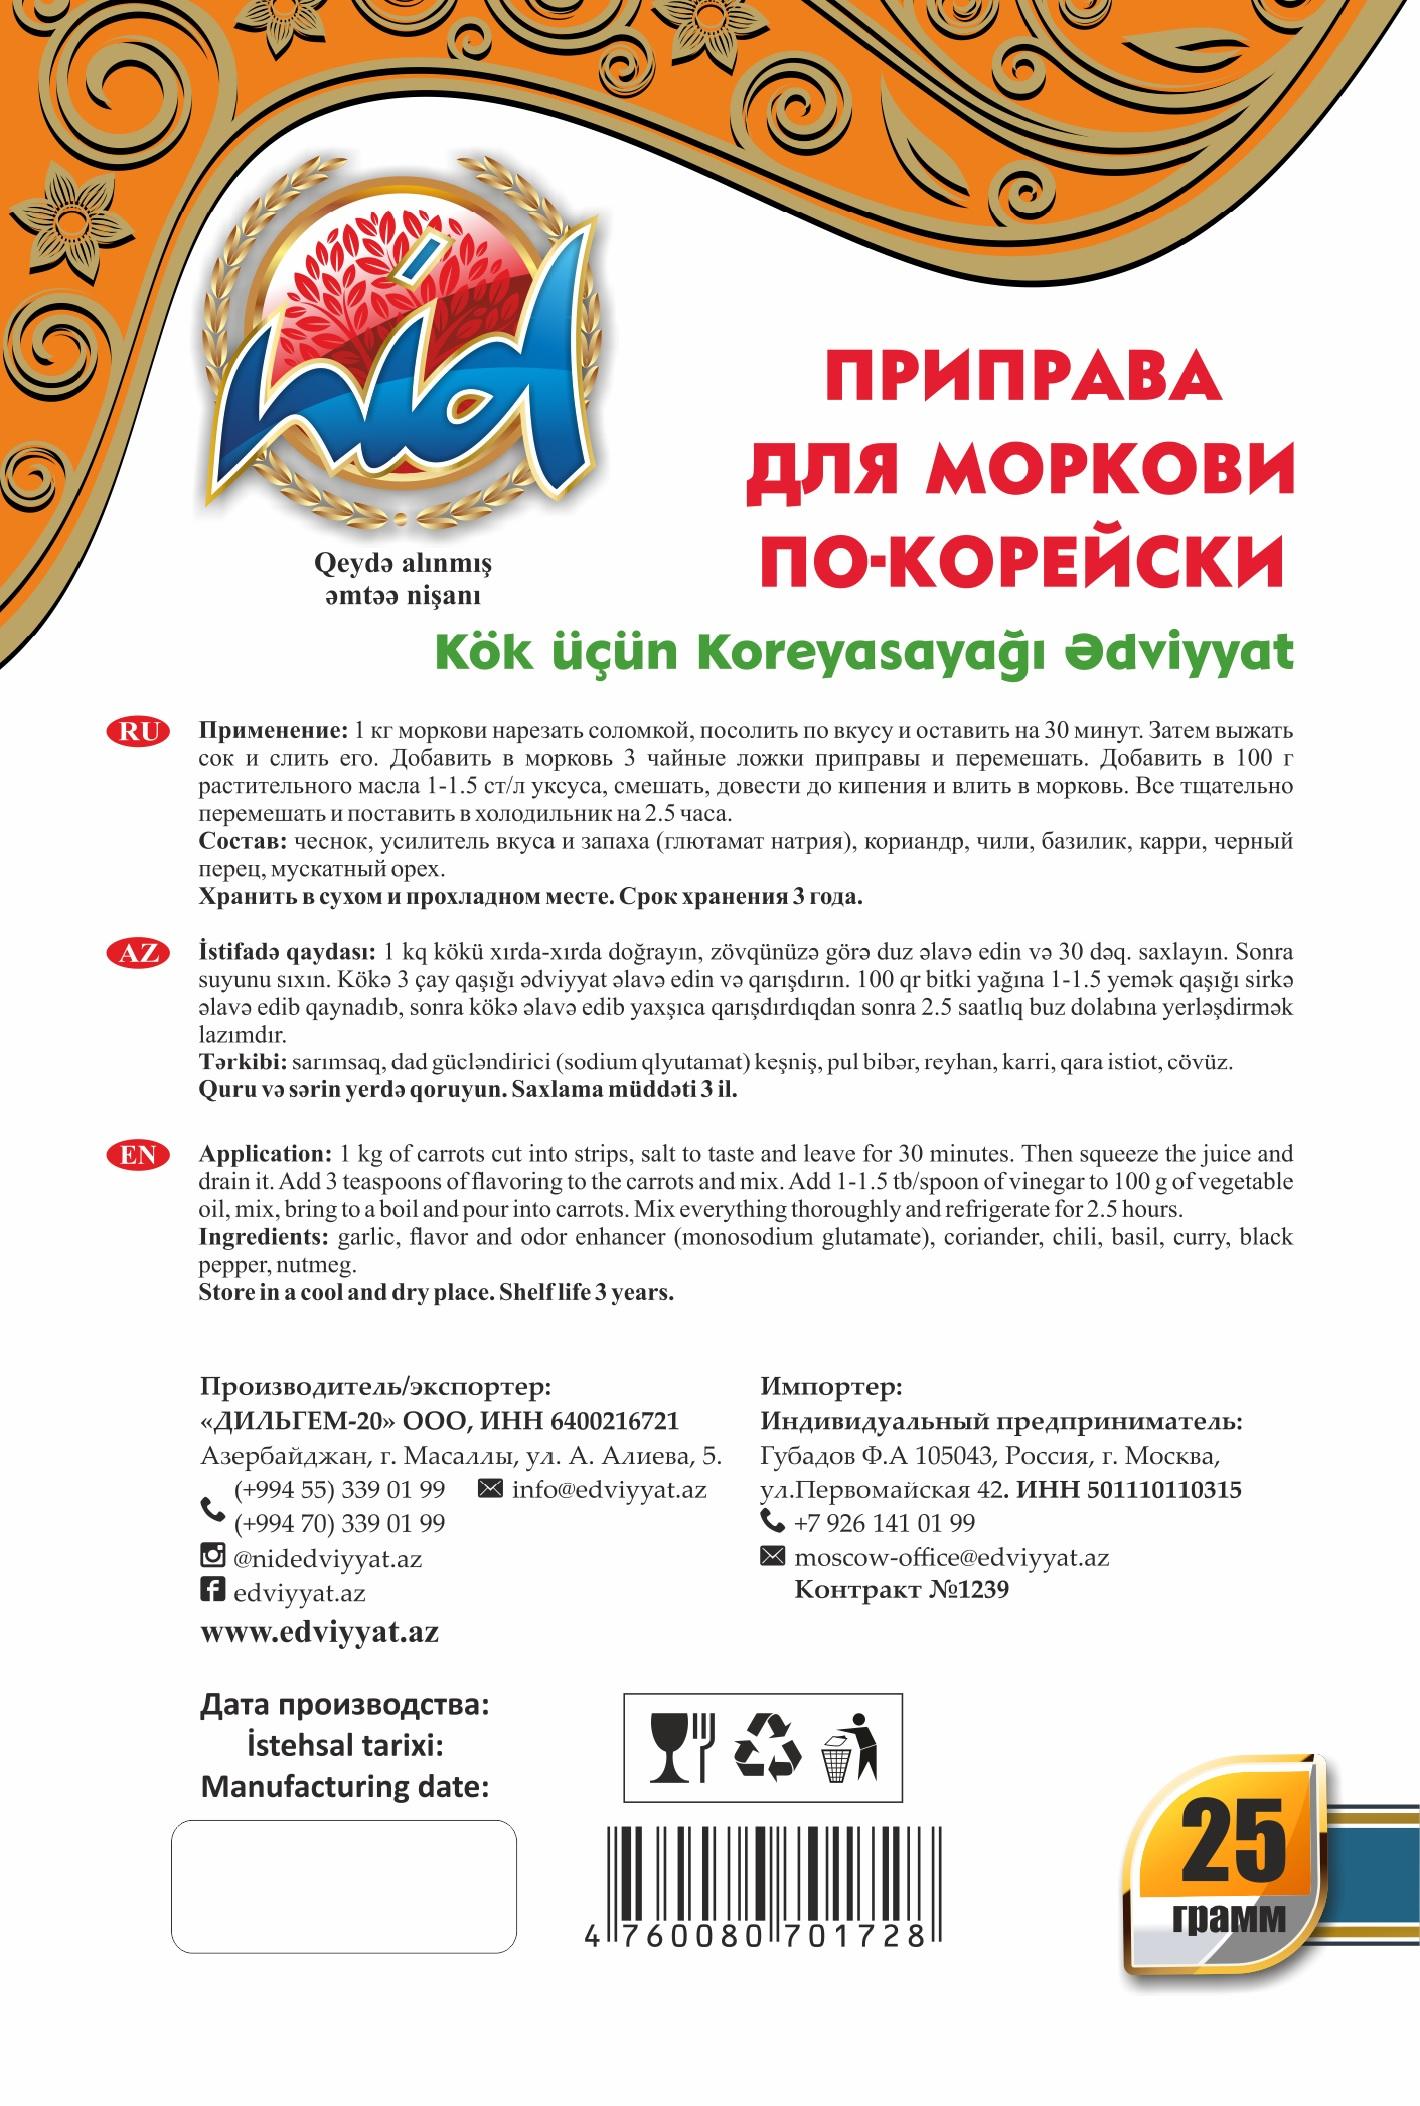 priprava_dlya_morkovi_po_korejski